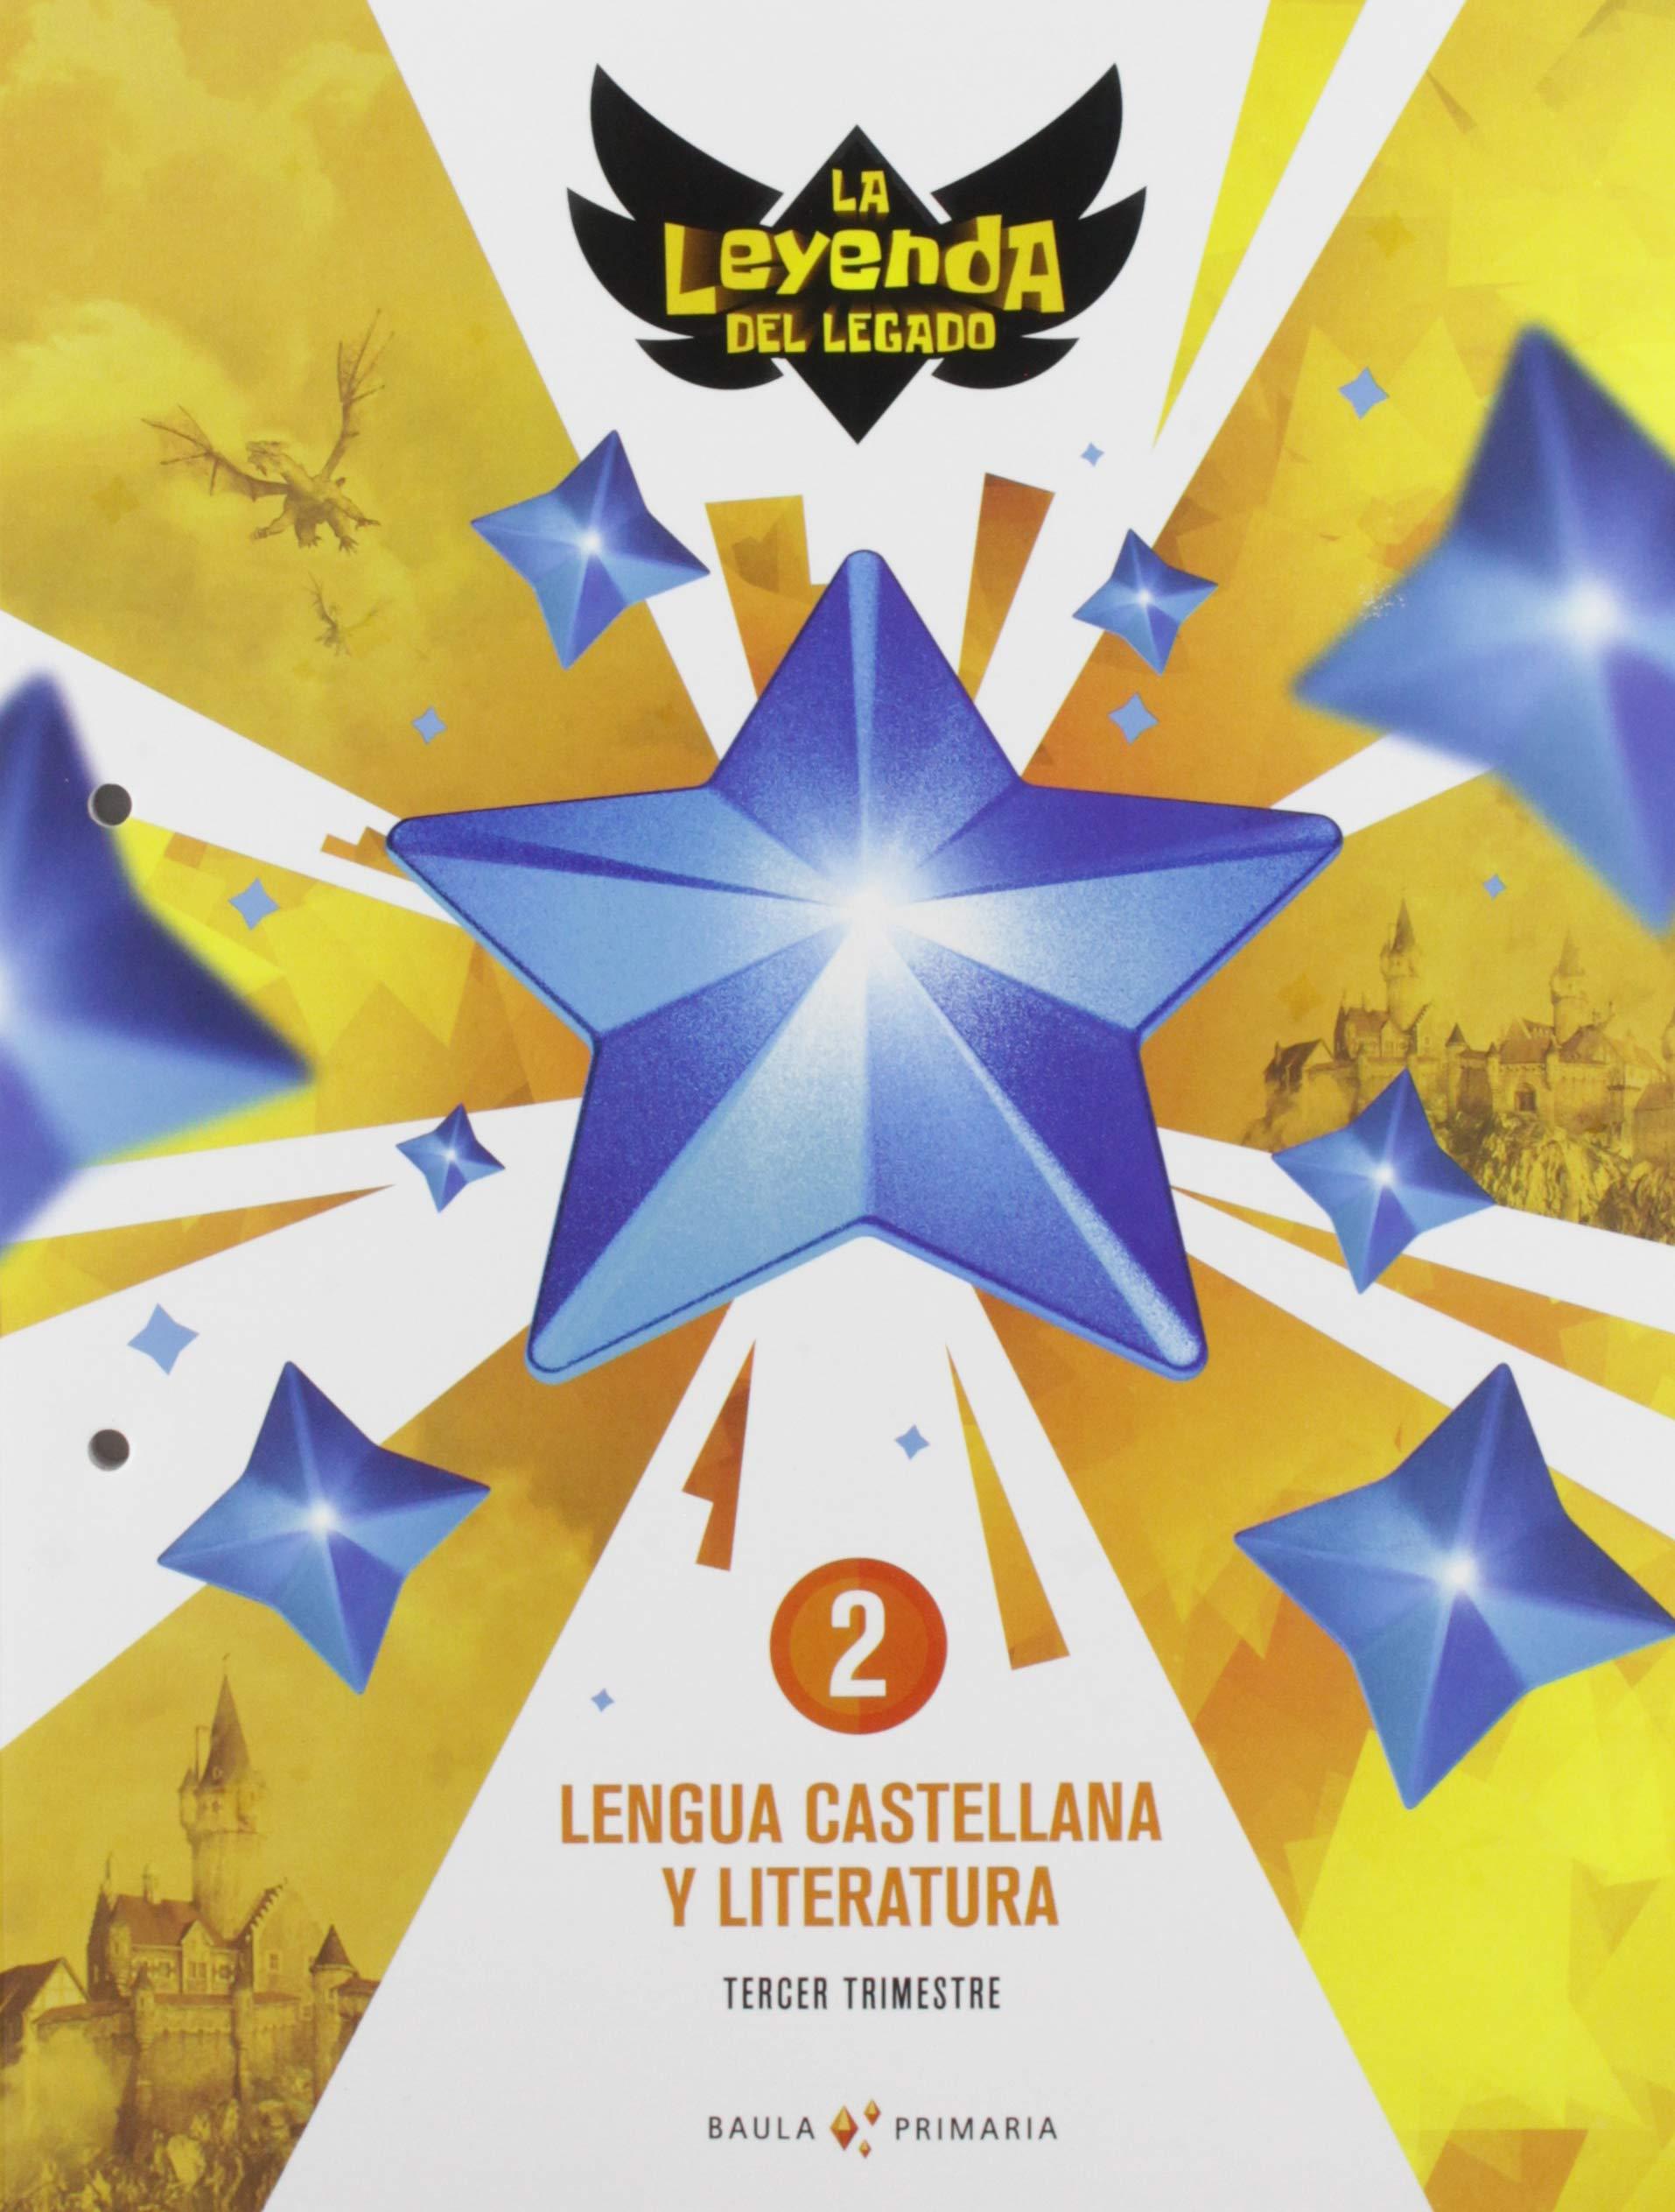 Lengua castellana y literatura 2º primaria LA La Leyenda del Legado Proyecto La Leyenda del Legado: Amazon.es: Araya Olazarán, Claudia, García Haczek, Manuel: Libros